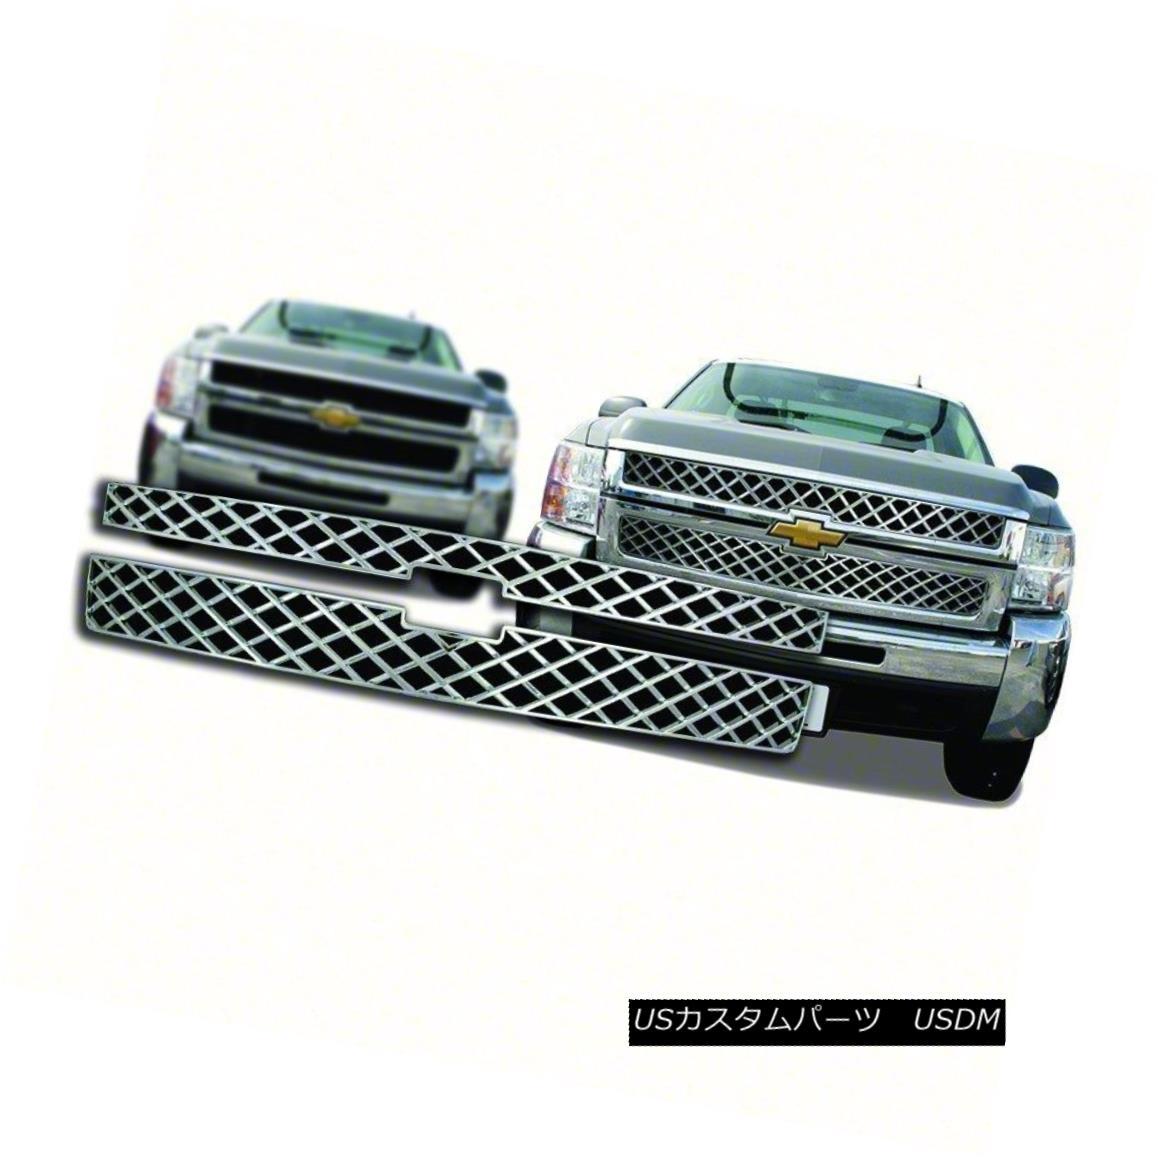 グリル Fits 2011-14 Chevy Silverado 2500-2pc Chrome Grille Insert-IWCGI92 適合2011-14 Chevy Silverado 2500-2pc Chrome Grille Insert-IWCGI92